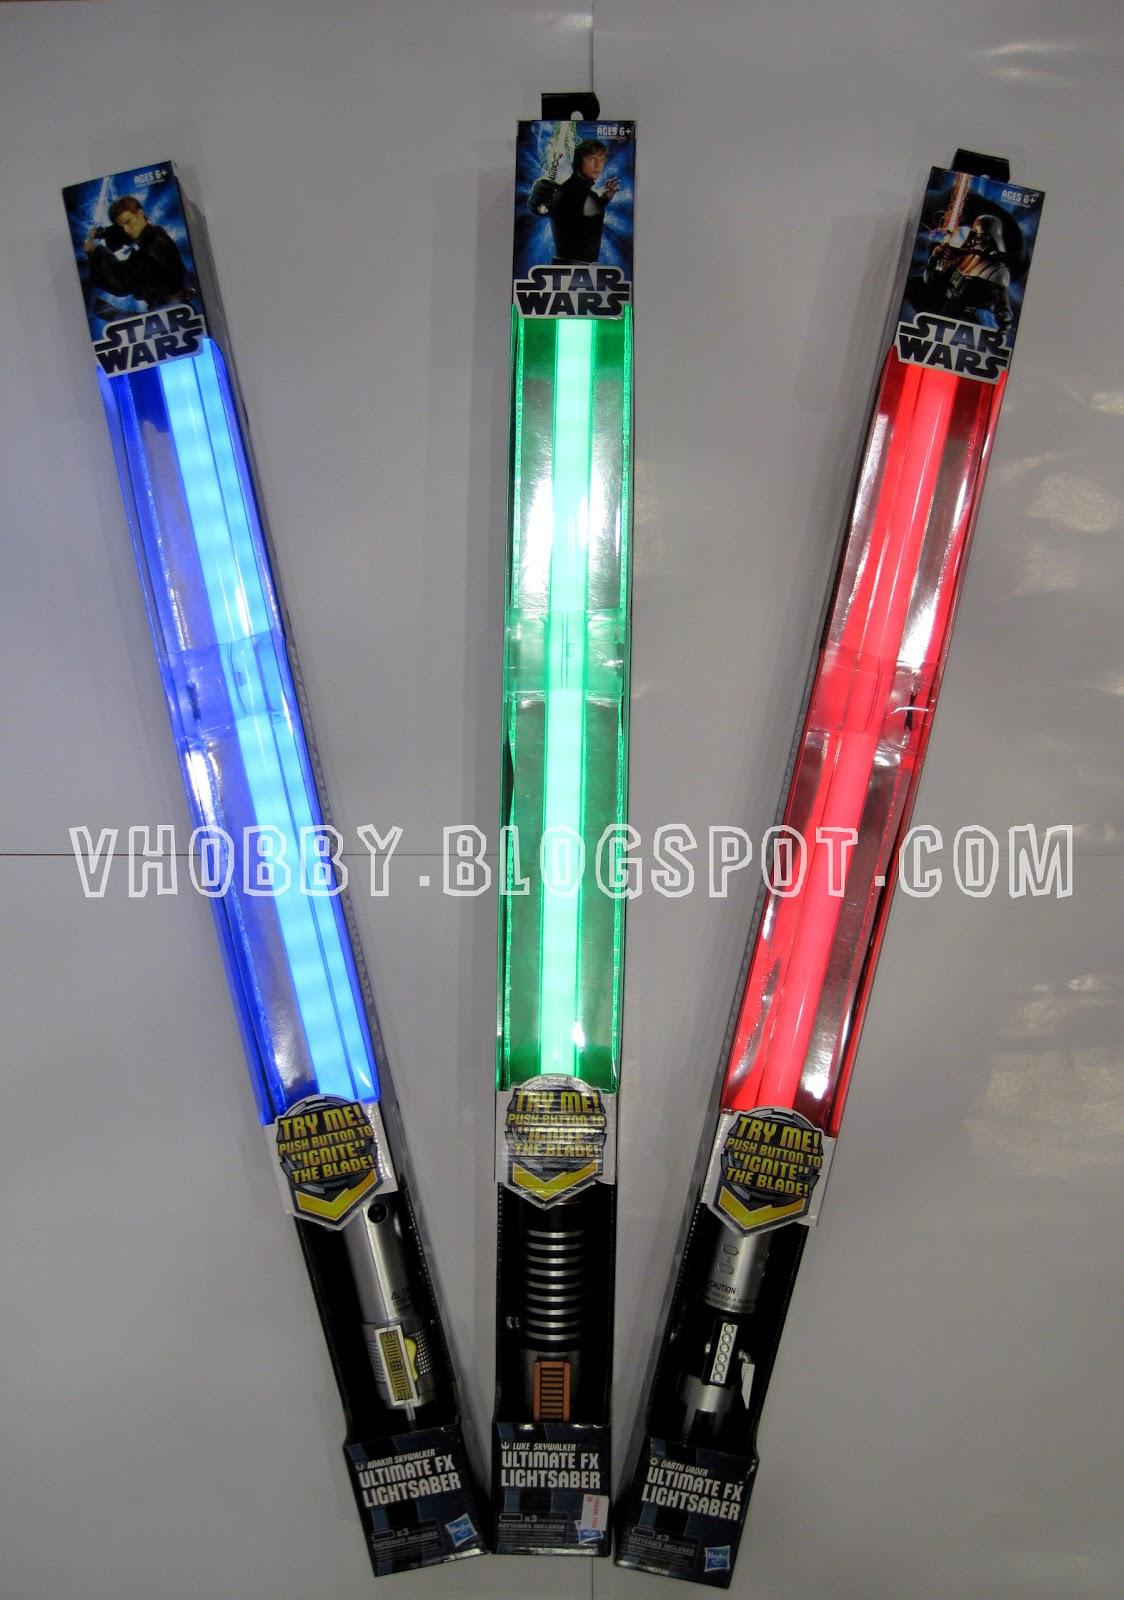 ultimate fx lightsaber sabre laser